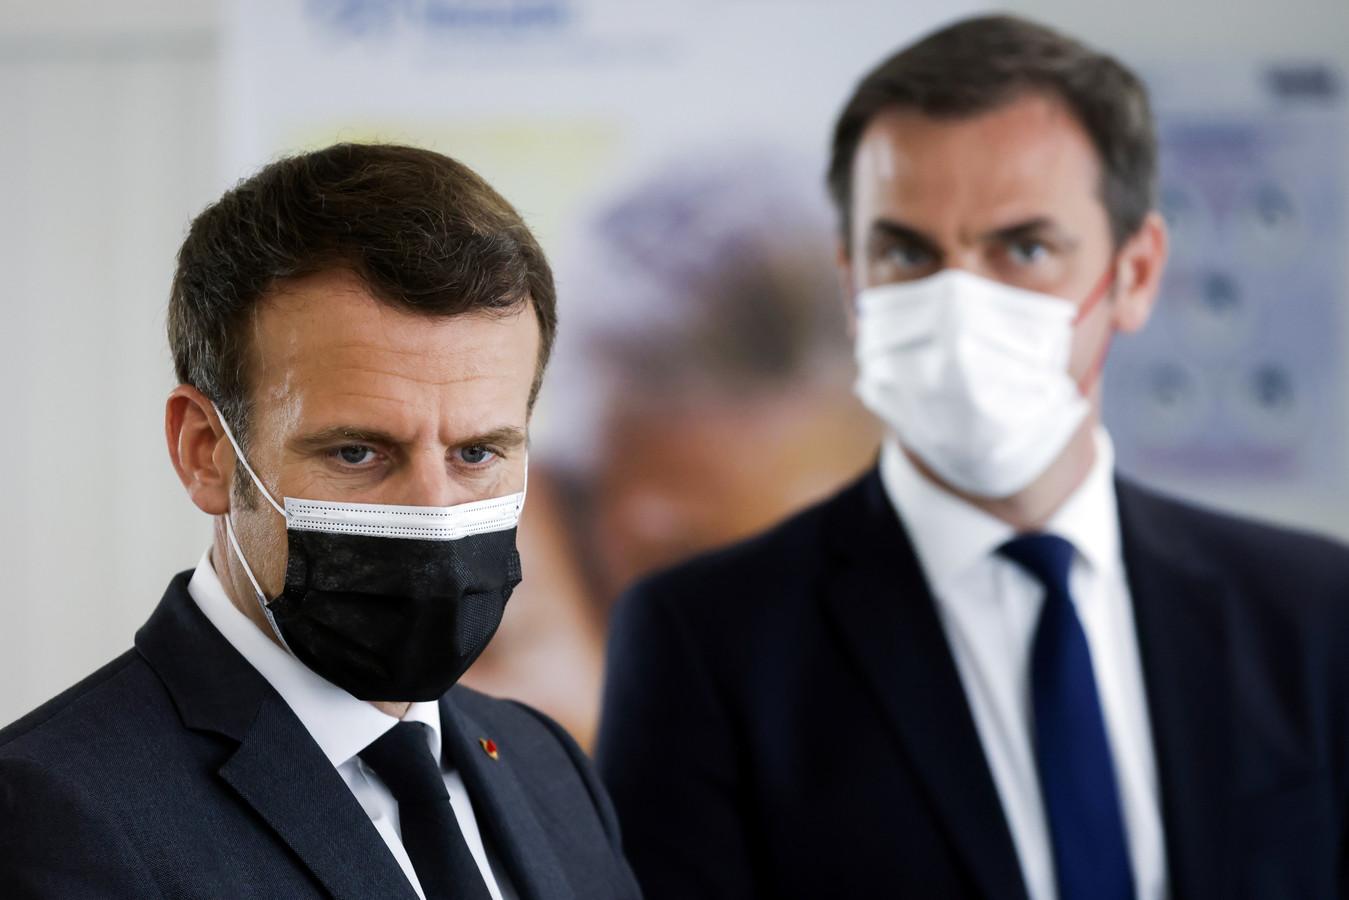 Le président français Emmanuel Macron et le ministre de la Santé, Olivier Véran